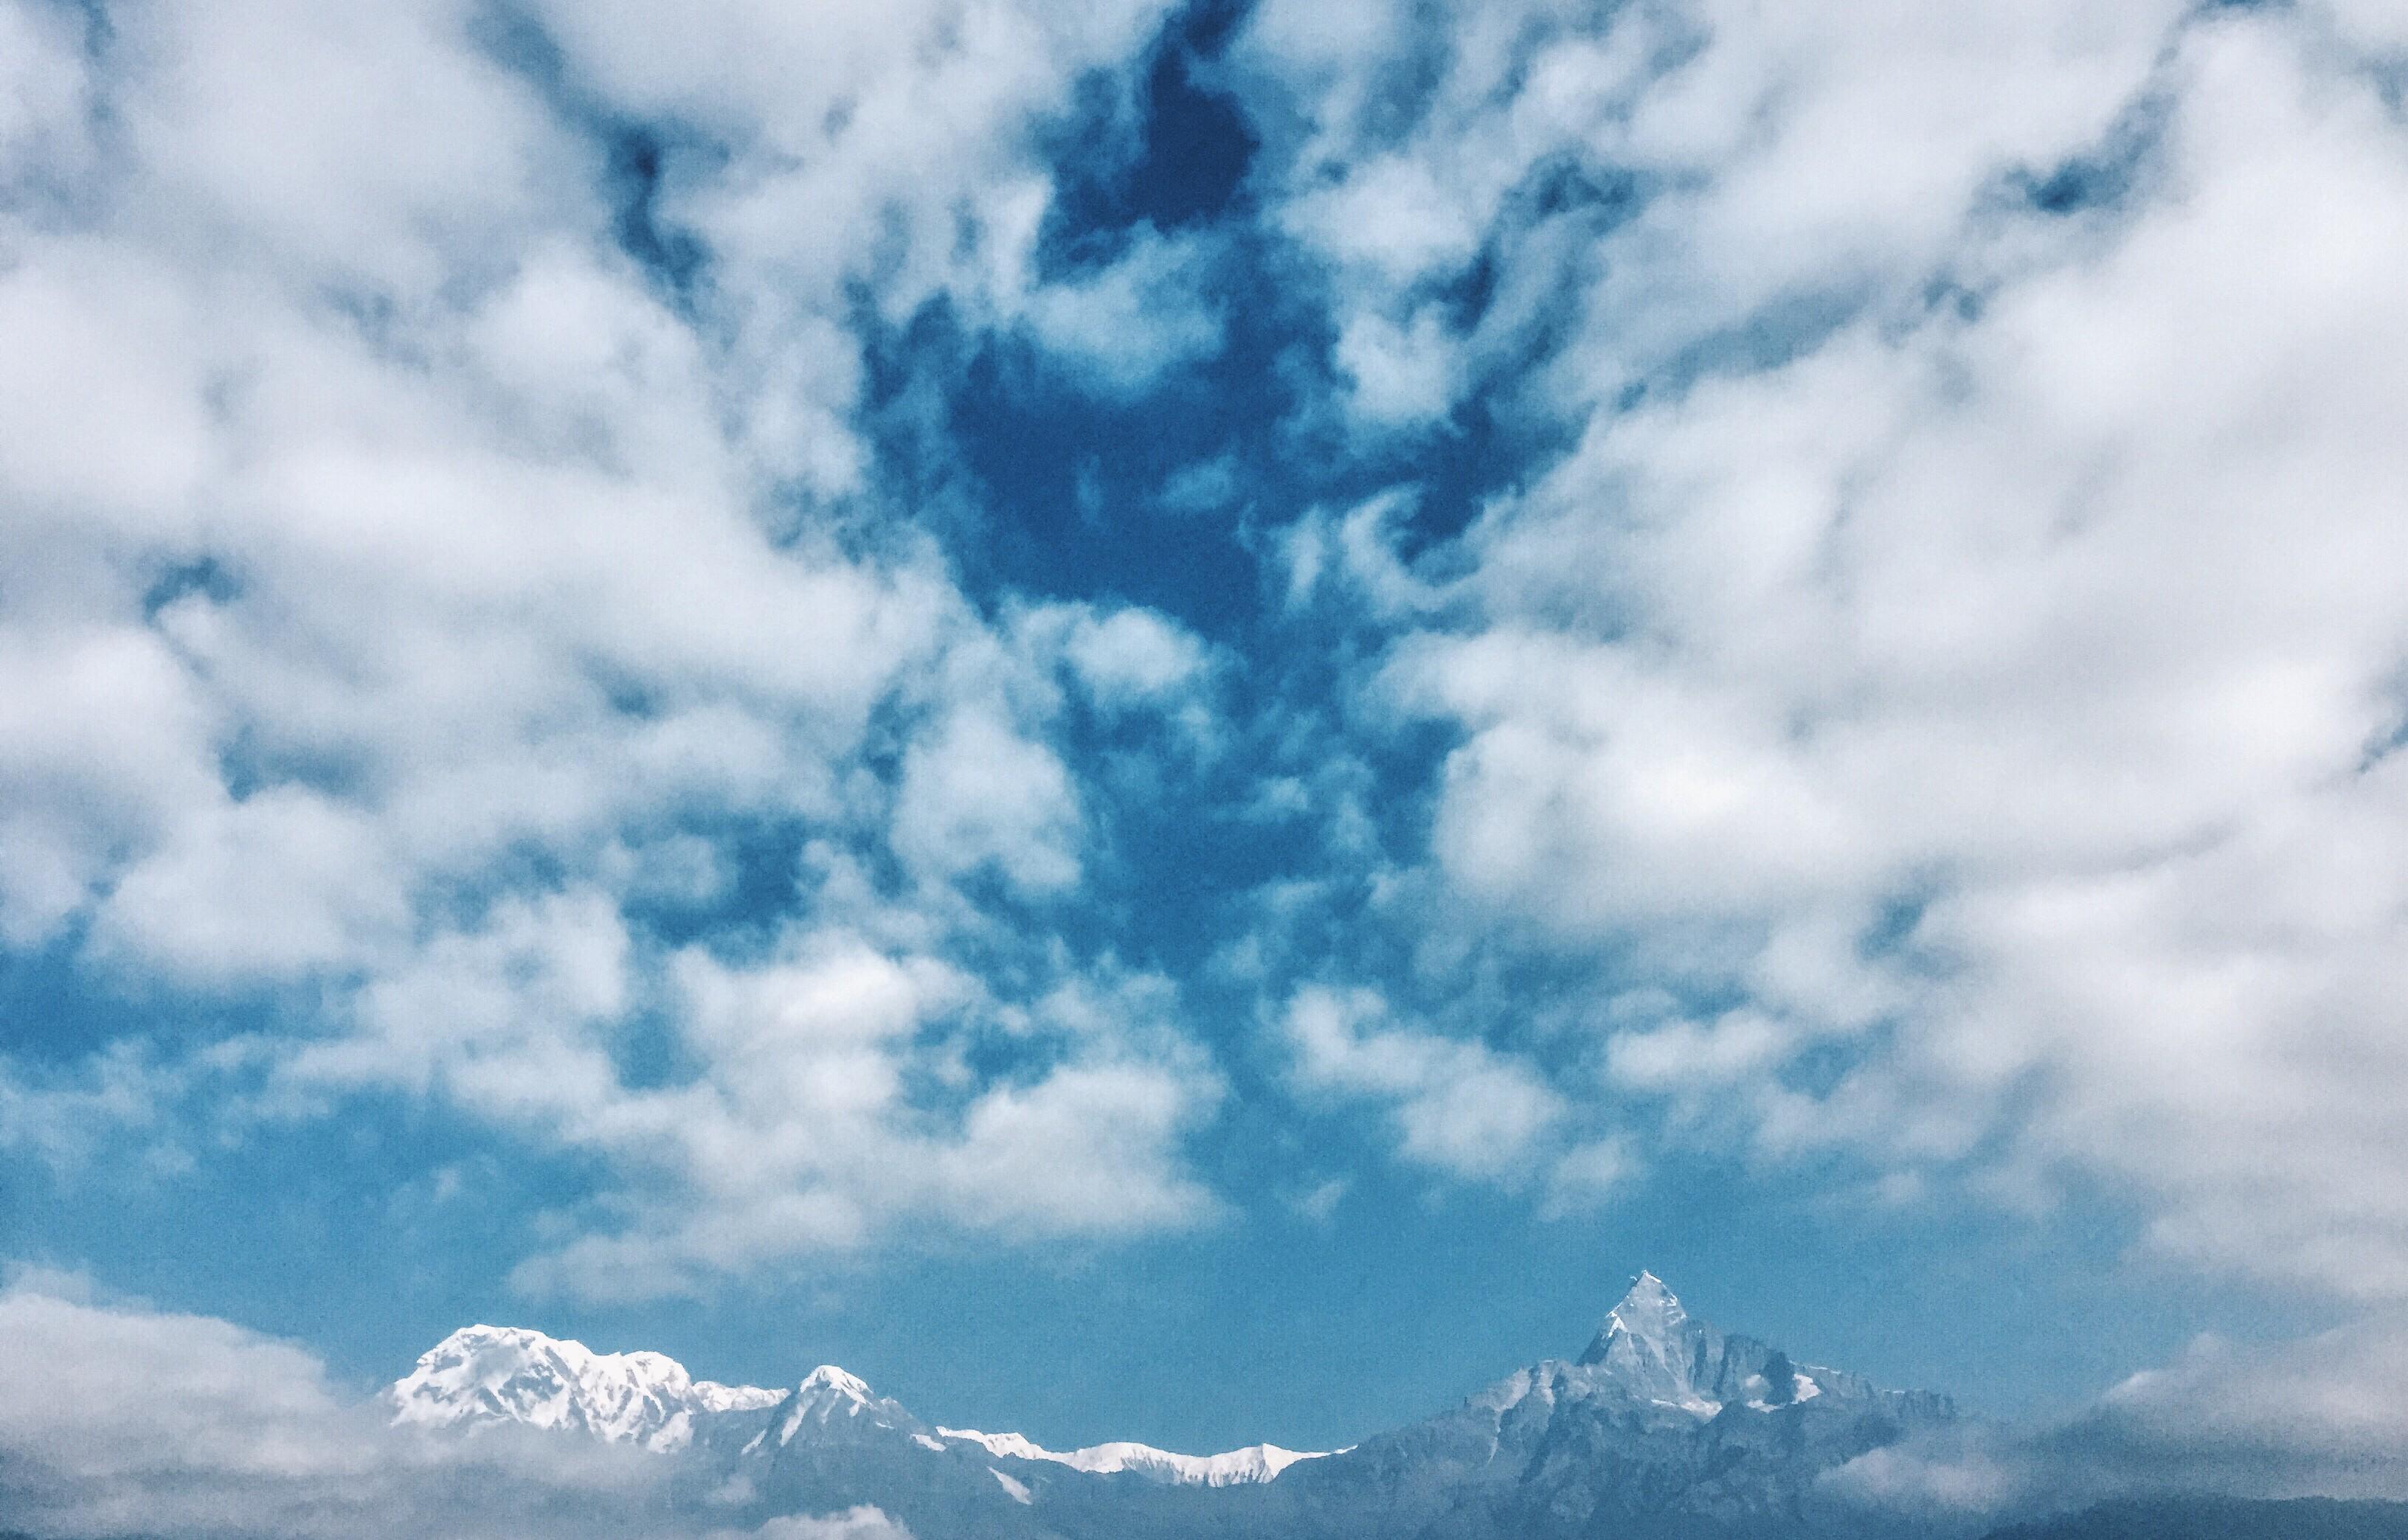 Annapurna 1, Annapurna South, Machhapuchhre.